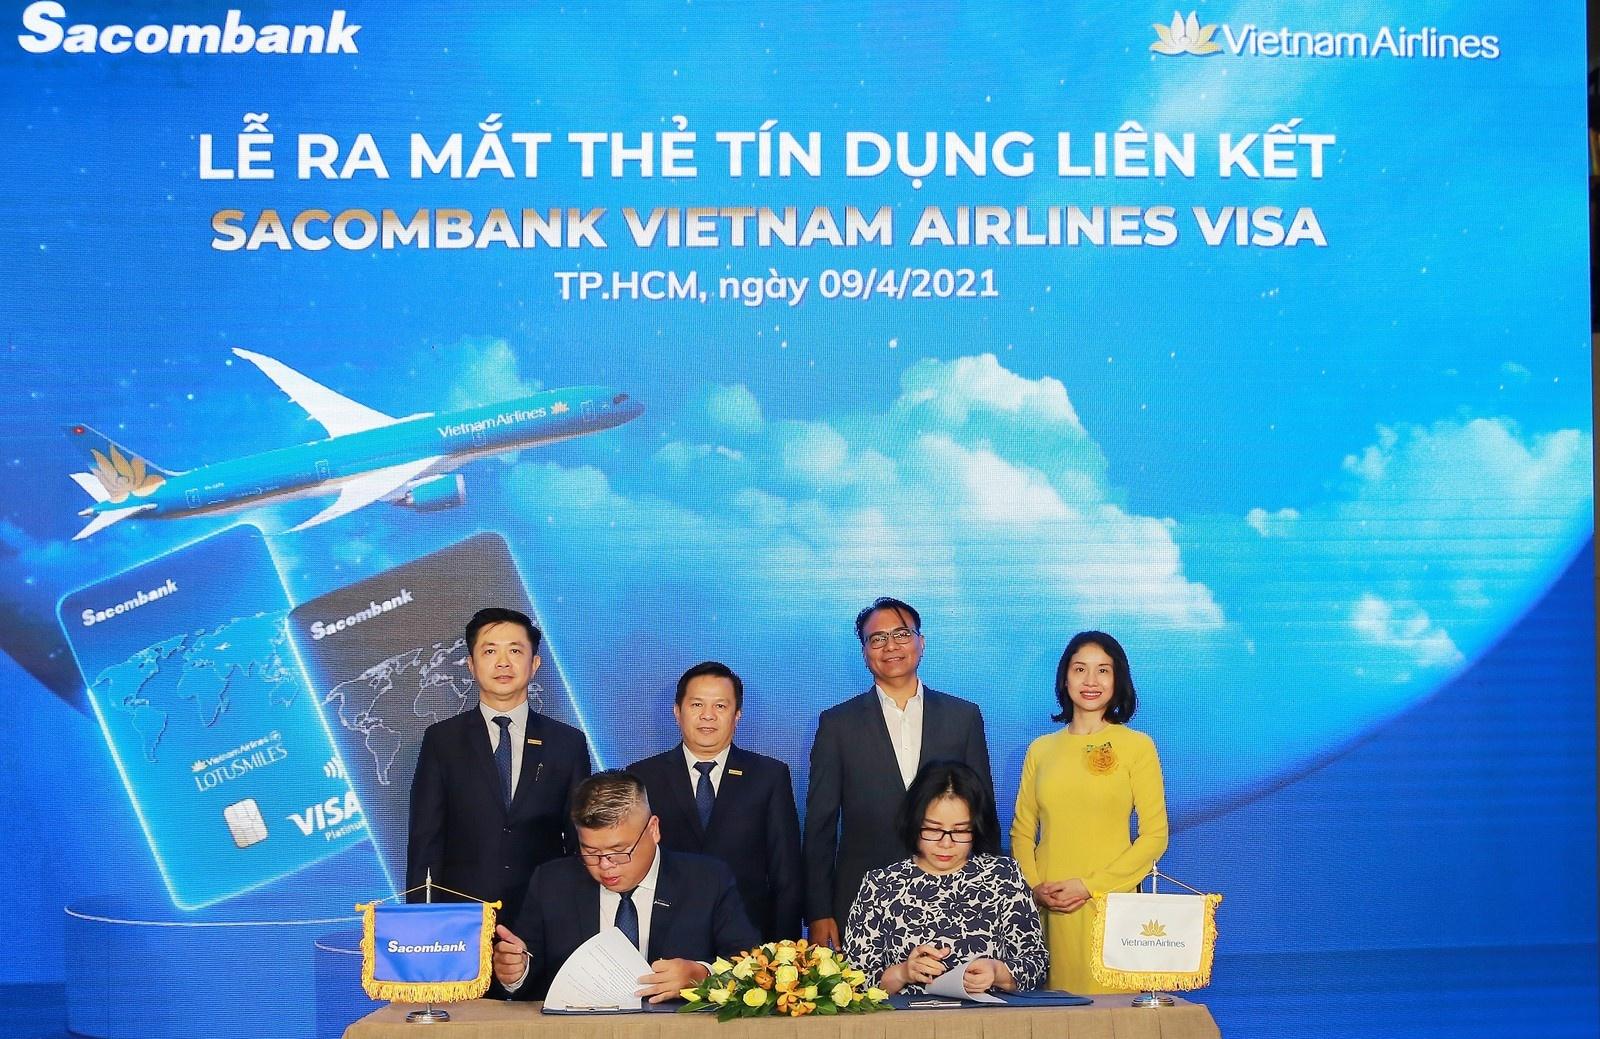 sacombank hop tac voi vietnam airlines ra mat the tin dung quoc te dang cap